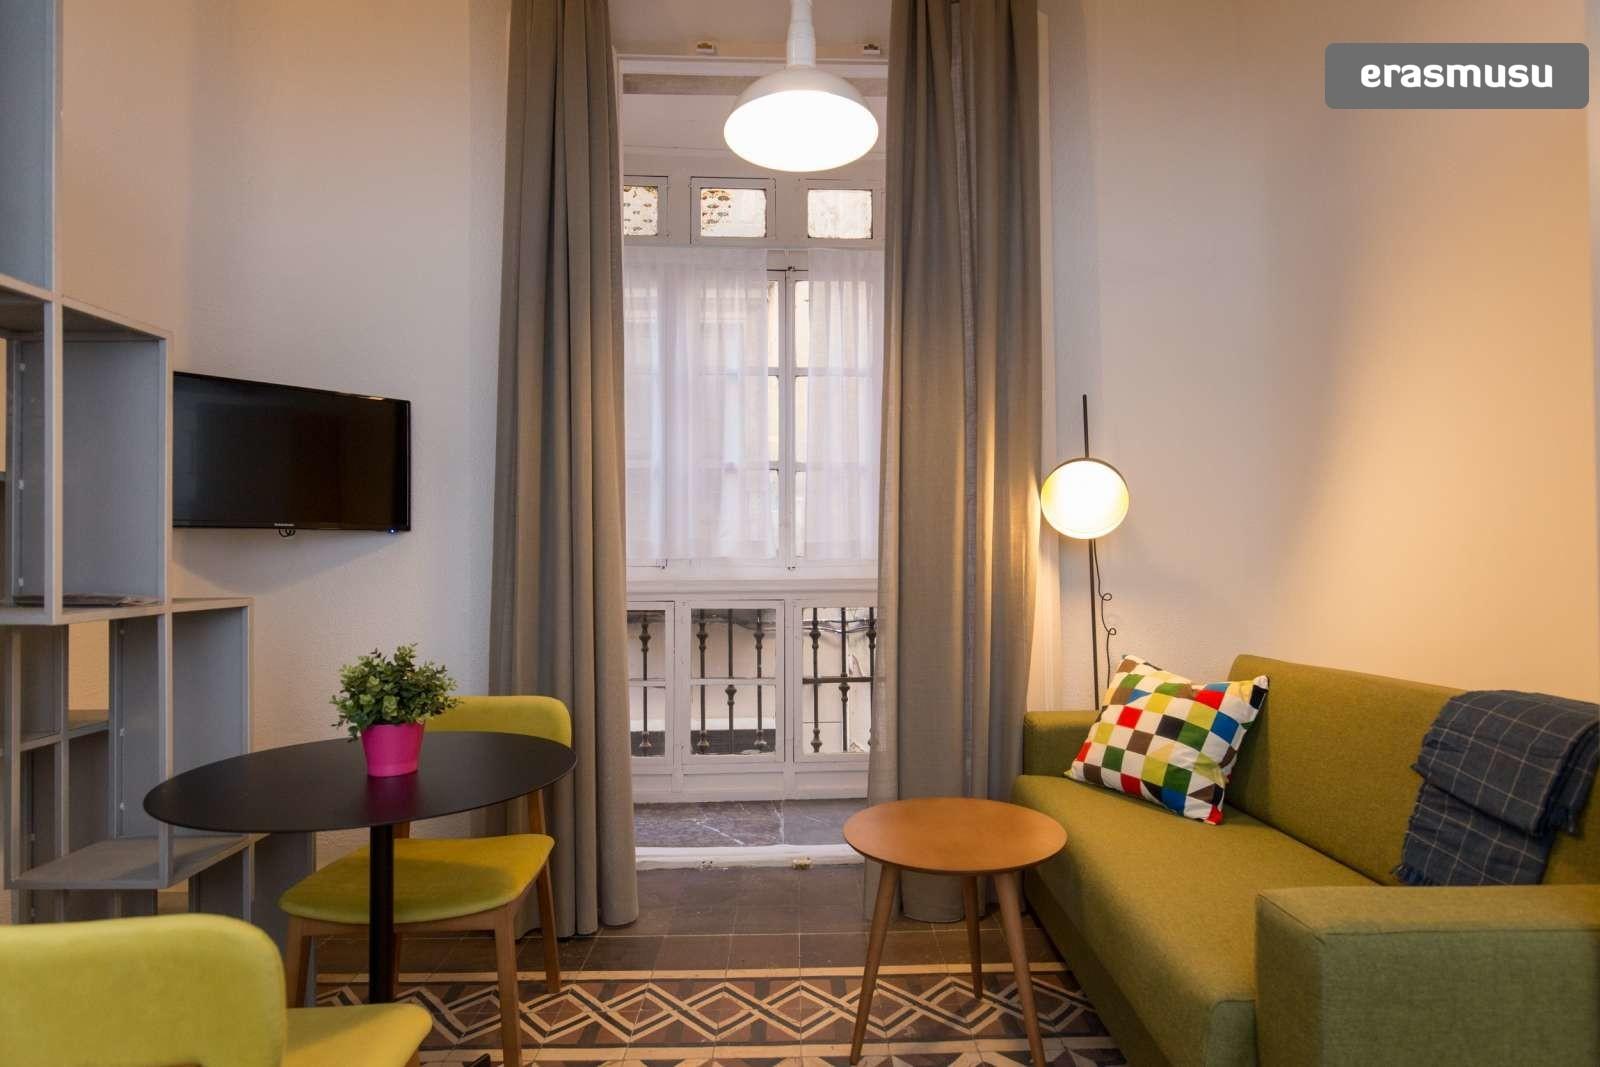 colourful-studio-apartment-rent-city-centre-572396654f14242149fa